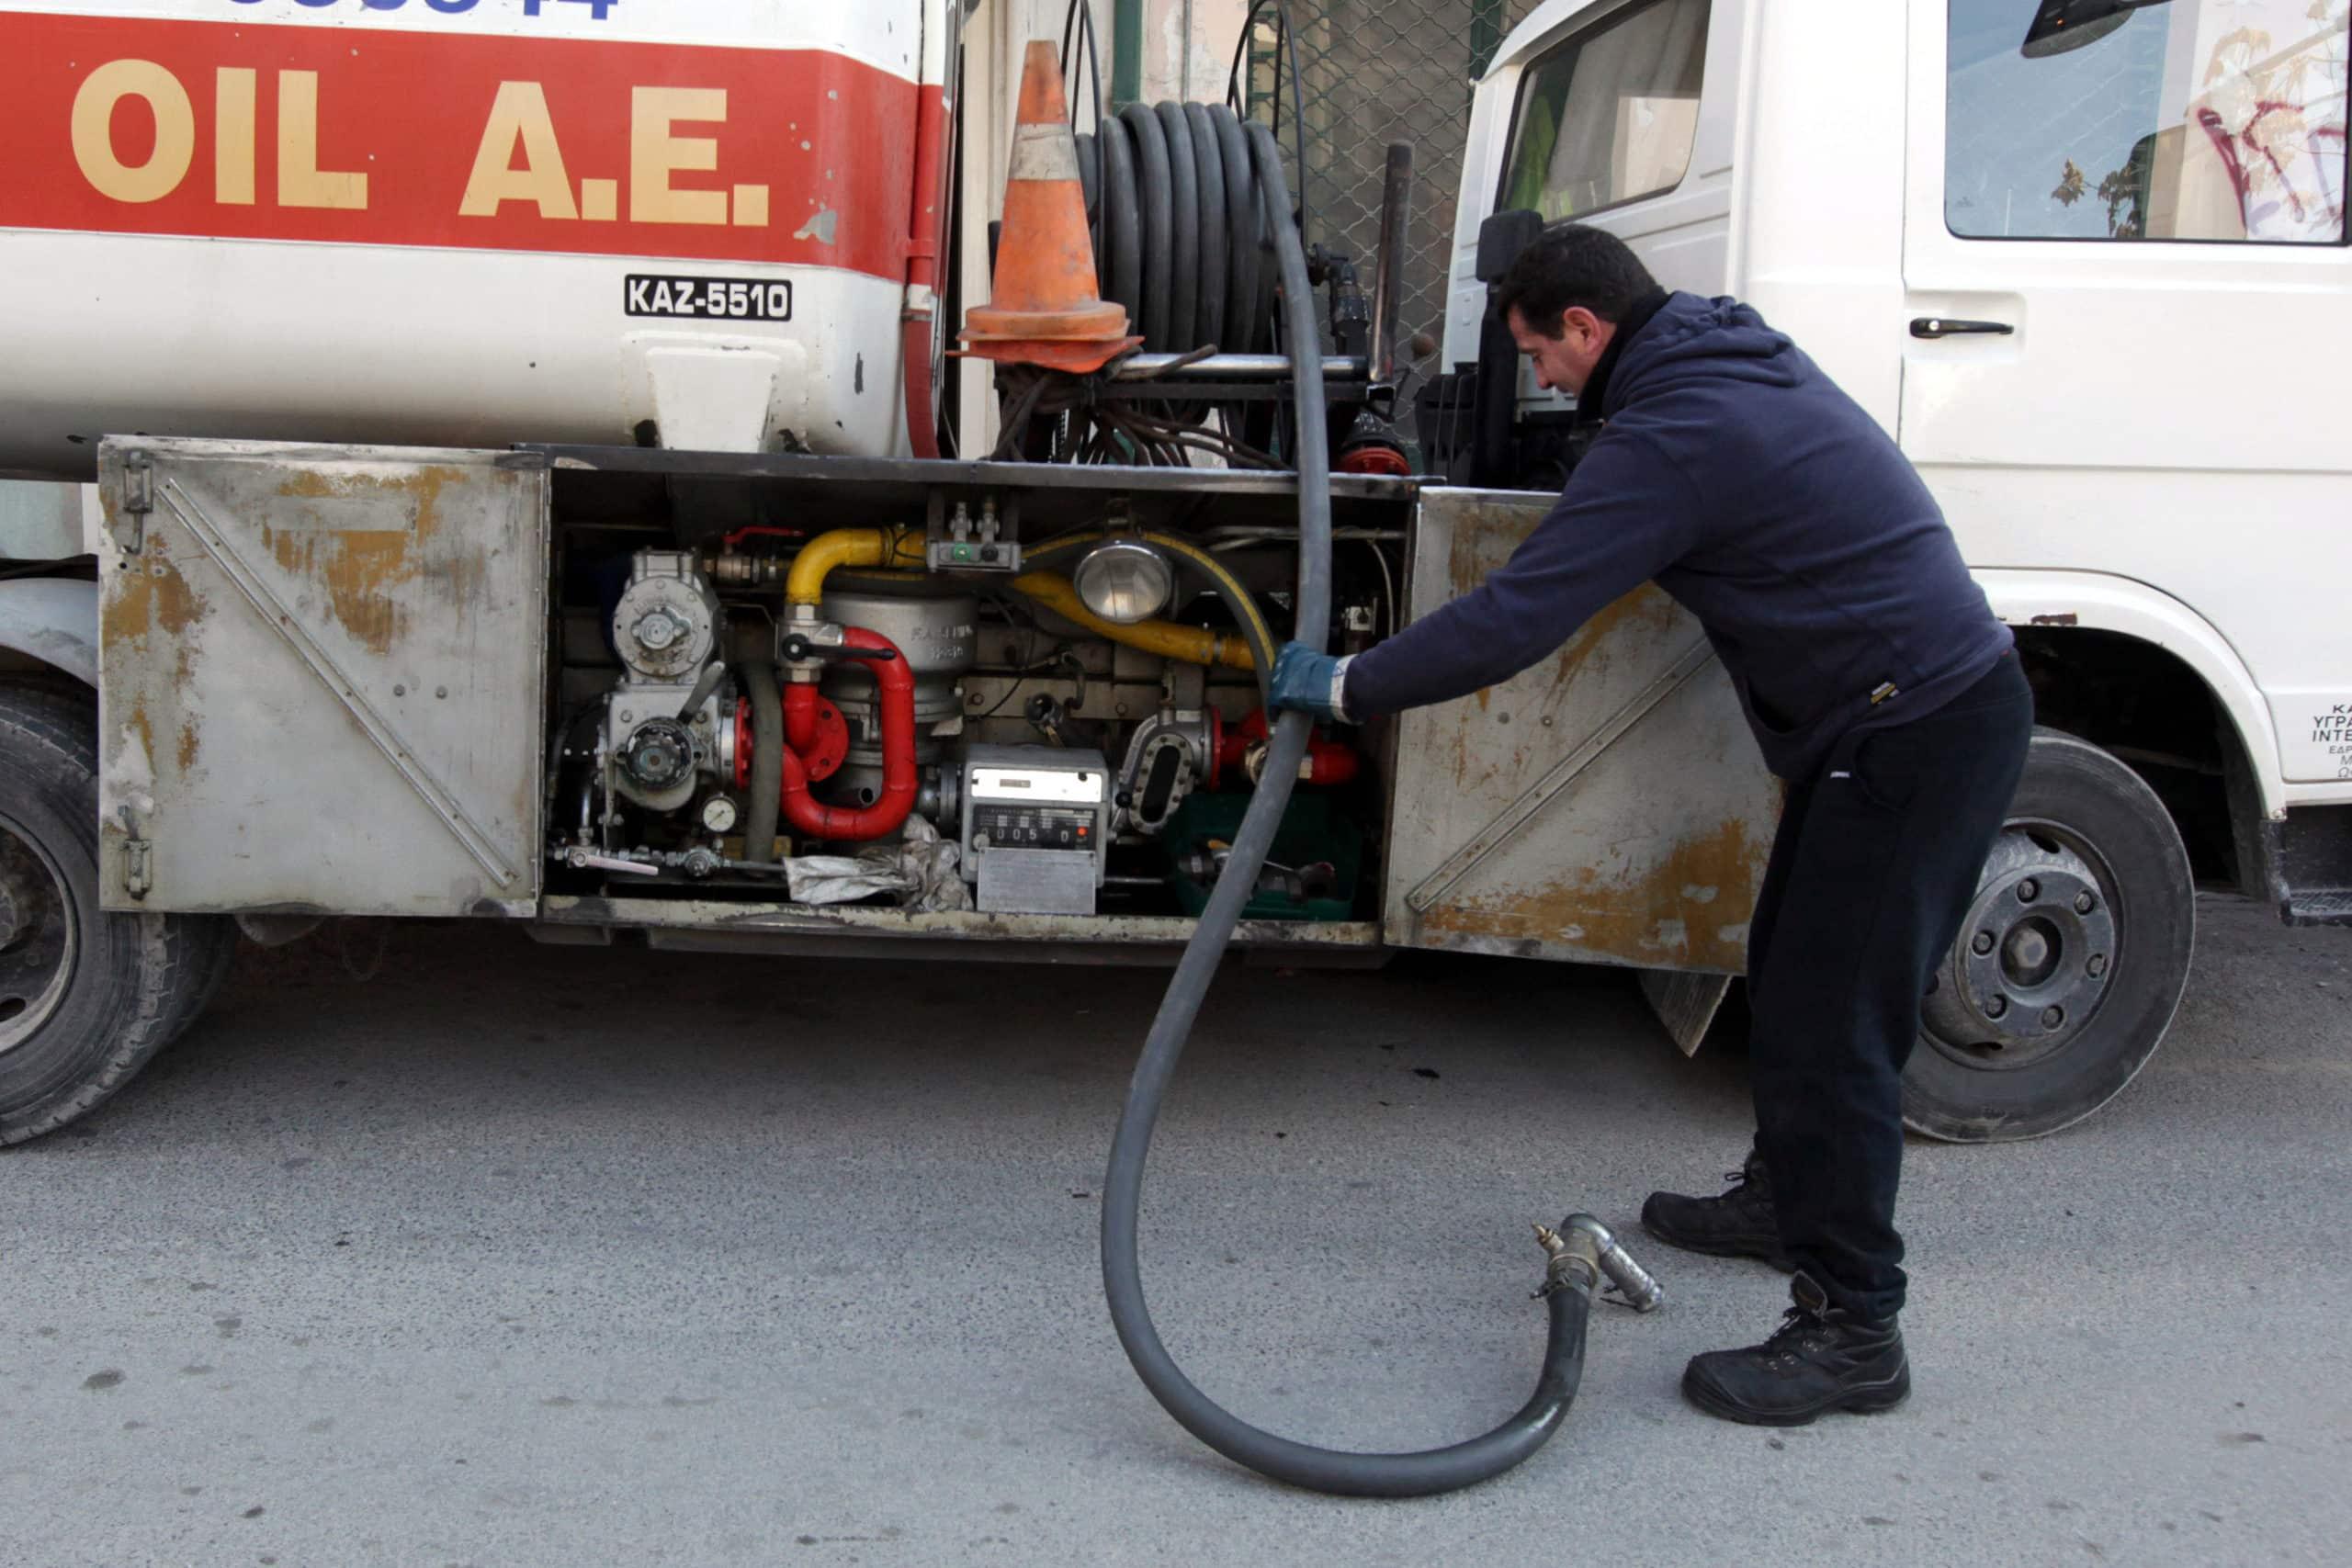 Επίδομα πετρελαίου θέρμανσης 2020